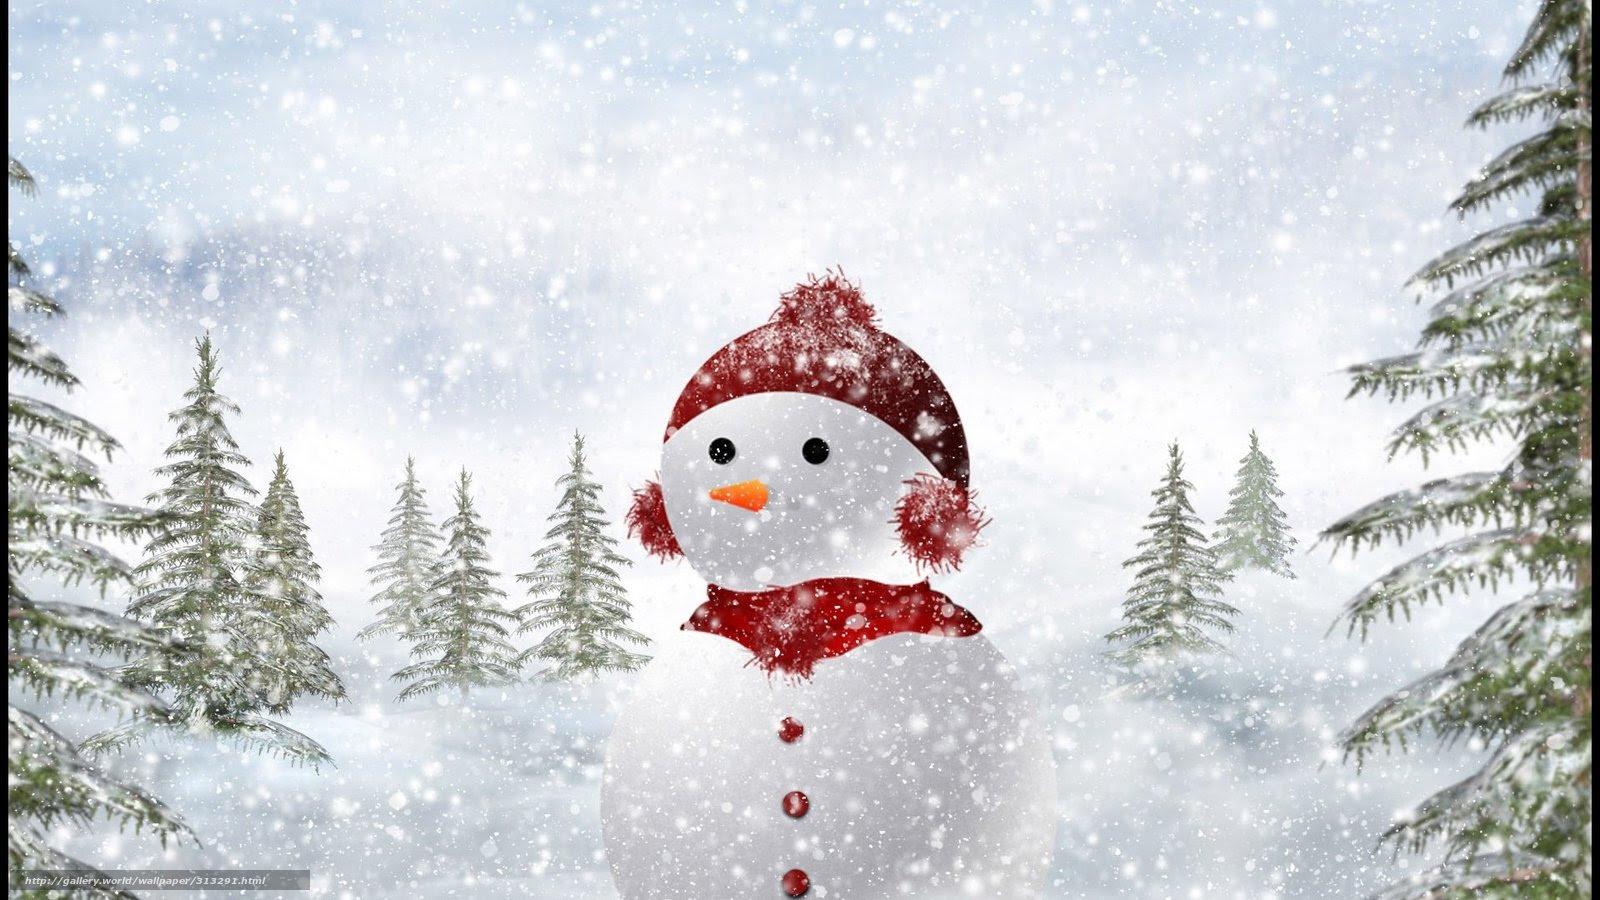 壁紙をダウンロード 雪だるま 冬 雪 木 デスクトップの解像度のため